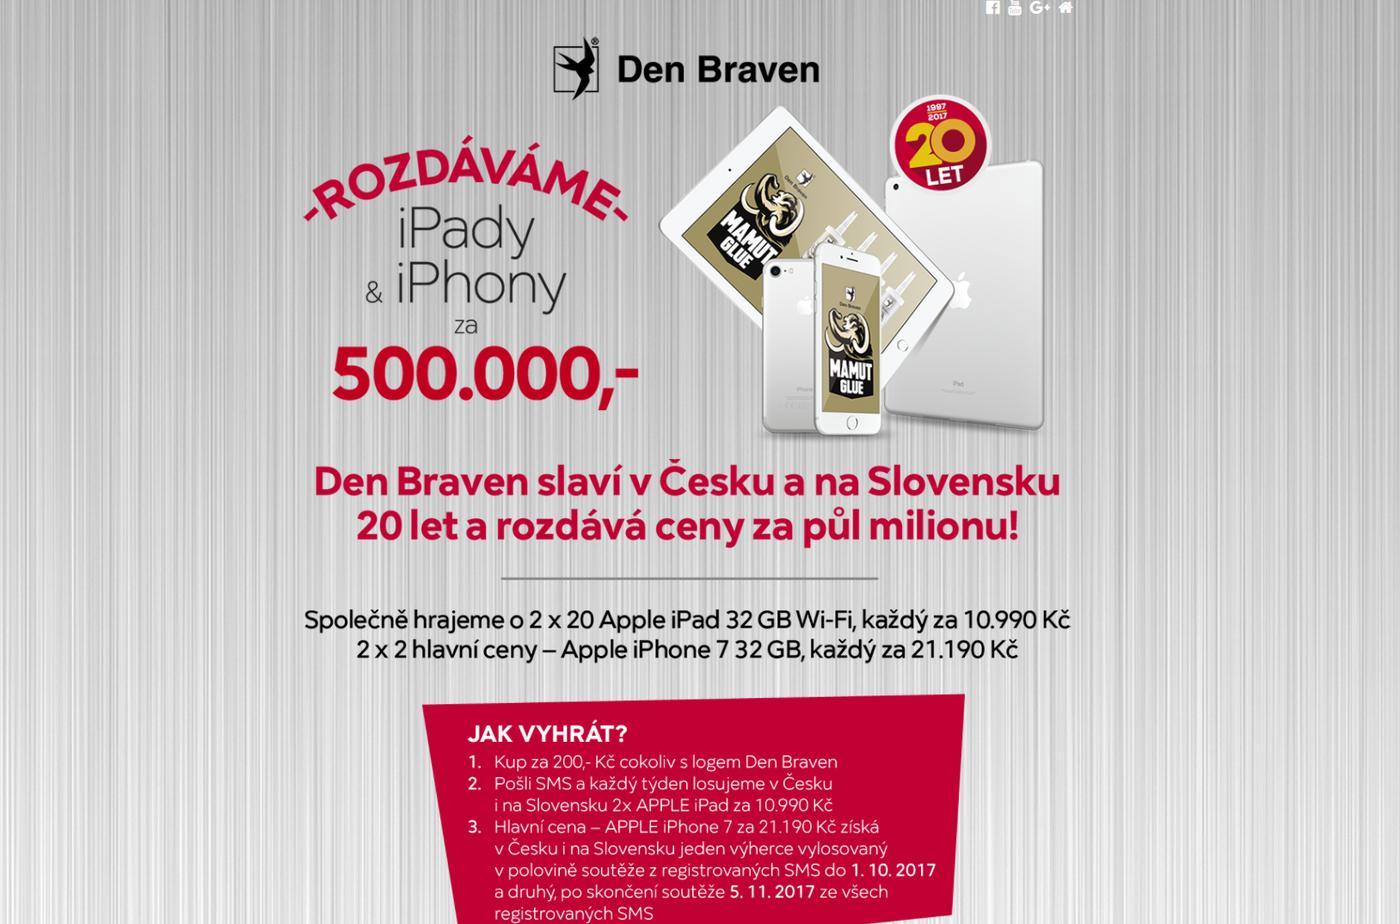 www.rozdavamejablka.cz